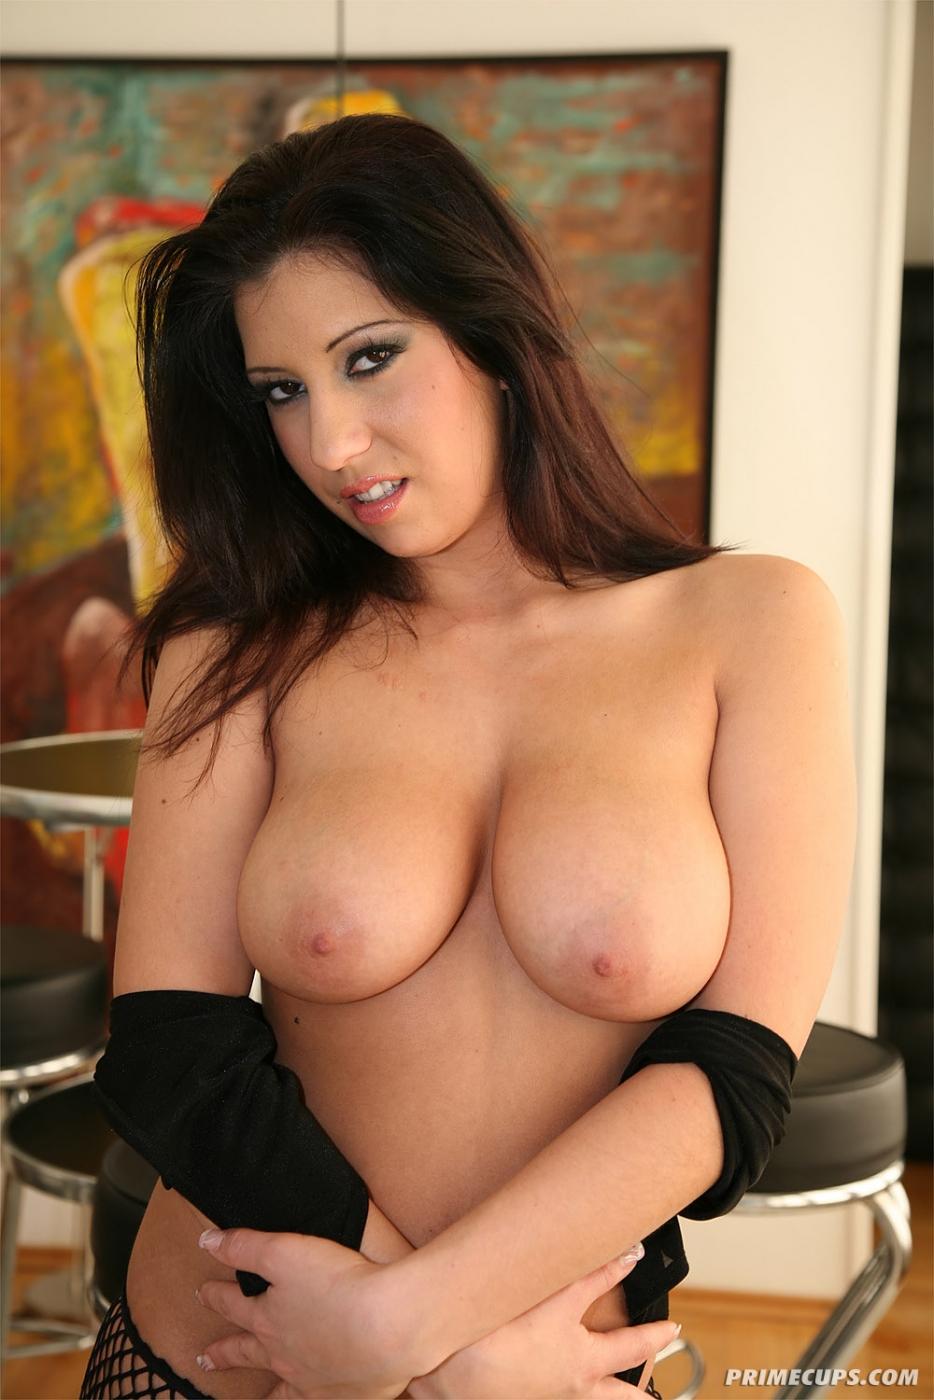 Титястая русая порноактрисса Sylvia Diamond обнажает свое убийственное туловище и ебется с двумя парнями